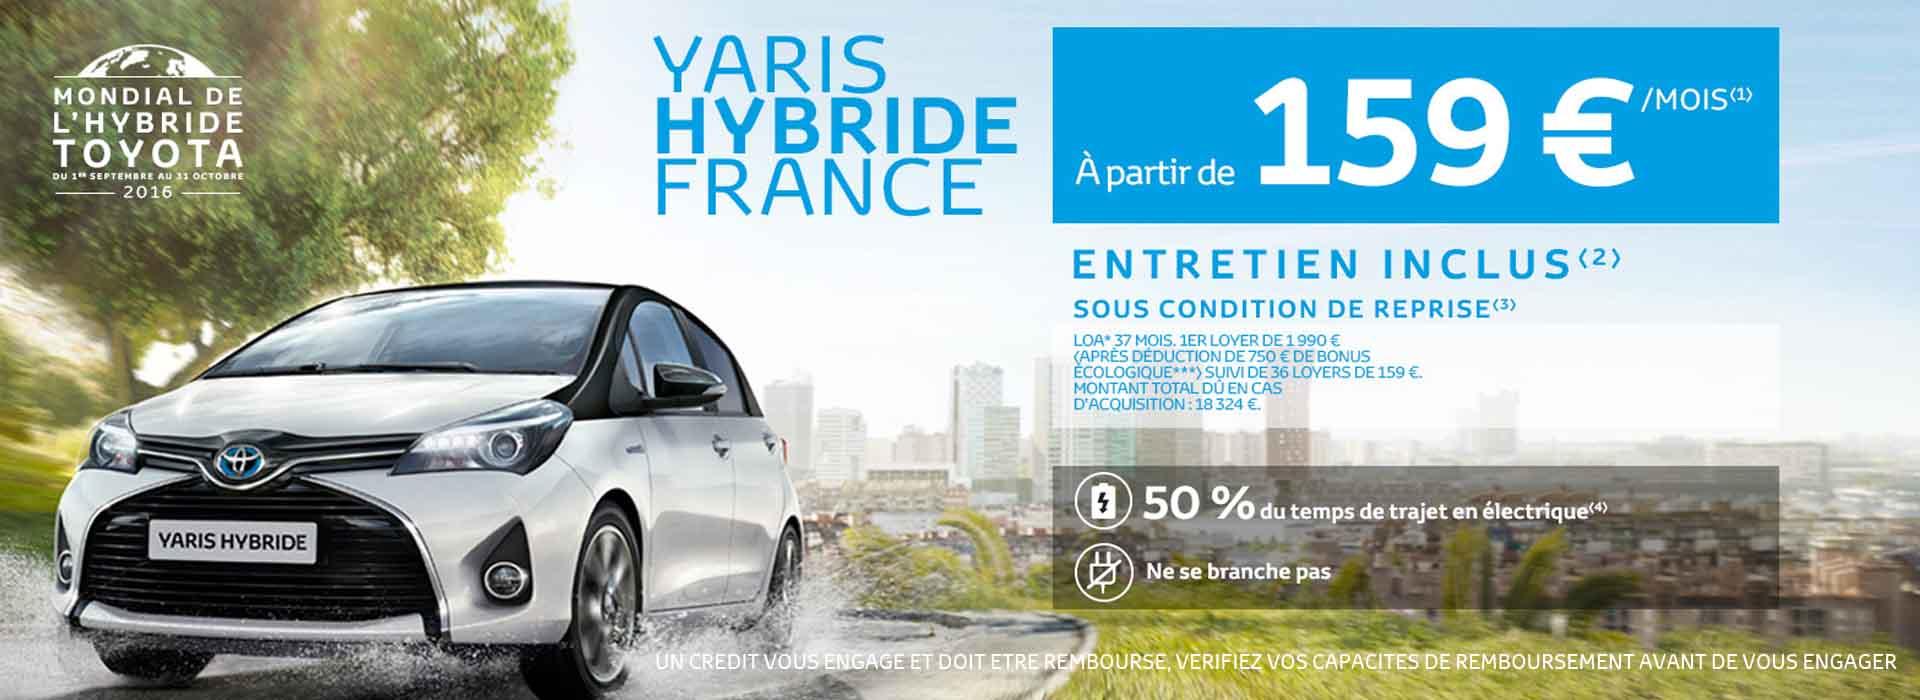 Toyota Yaris Mondial de l'Hybride